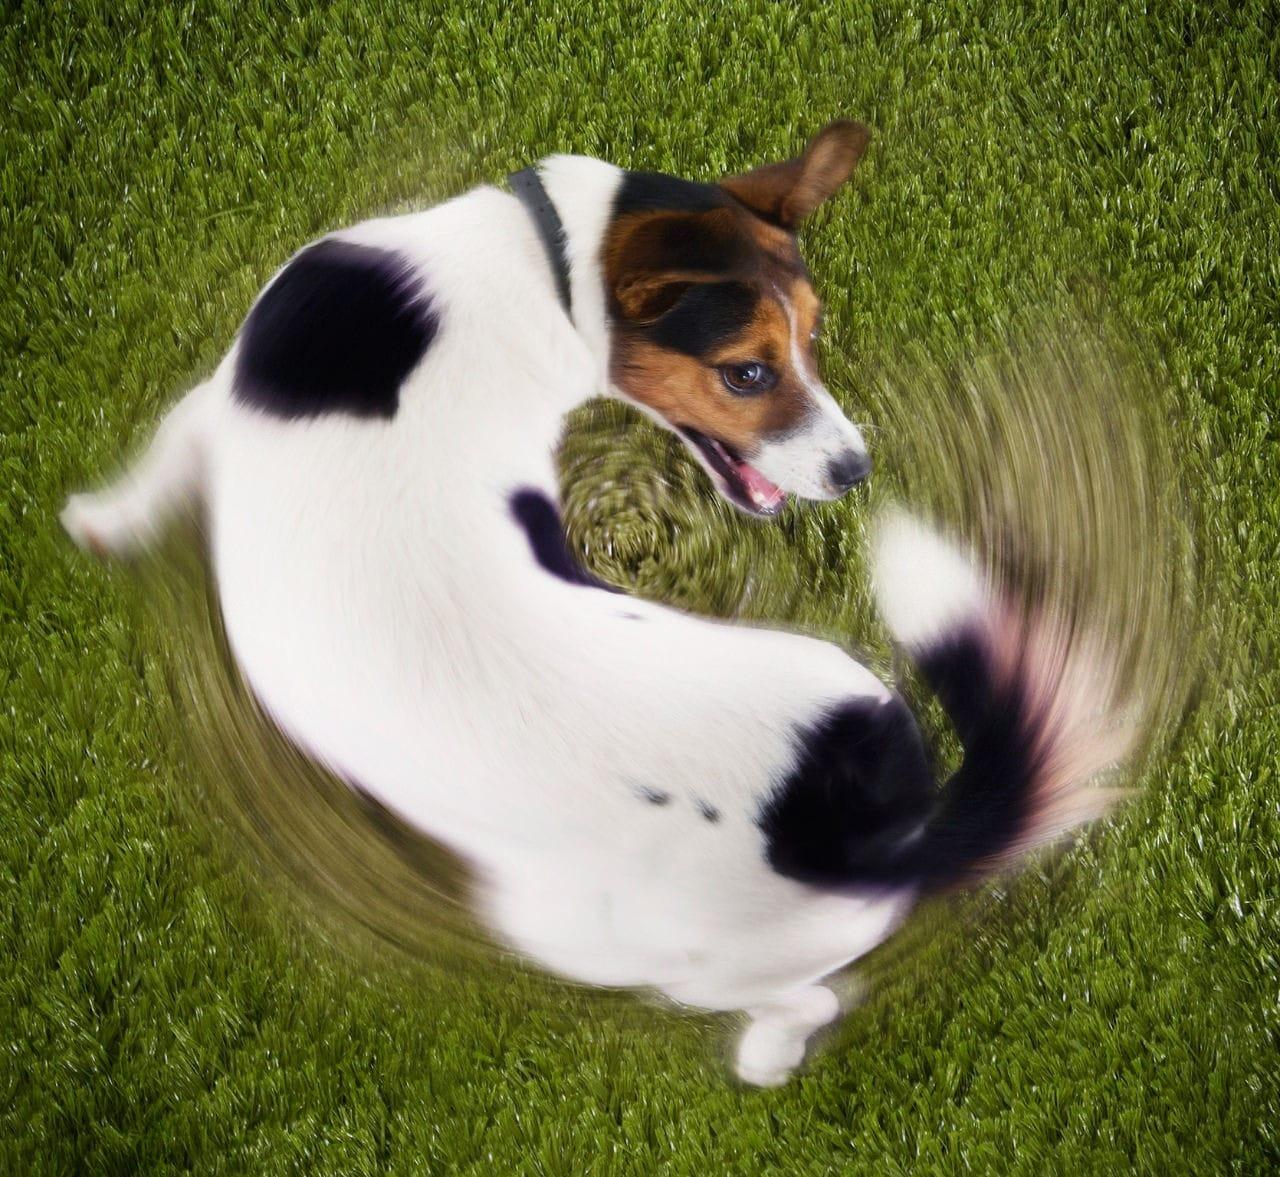 Il mio cane tenta di mordersi la coda. Come mai?